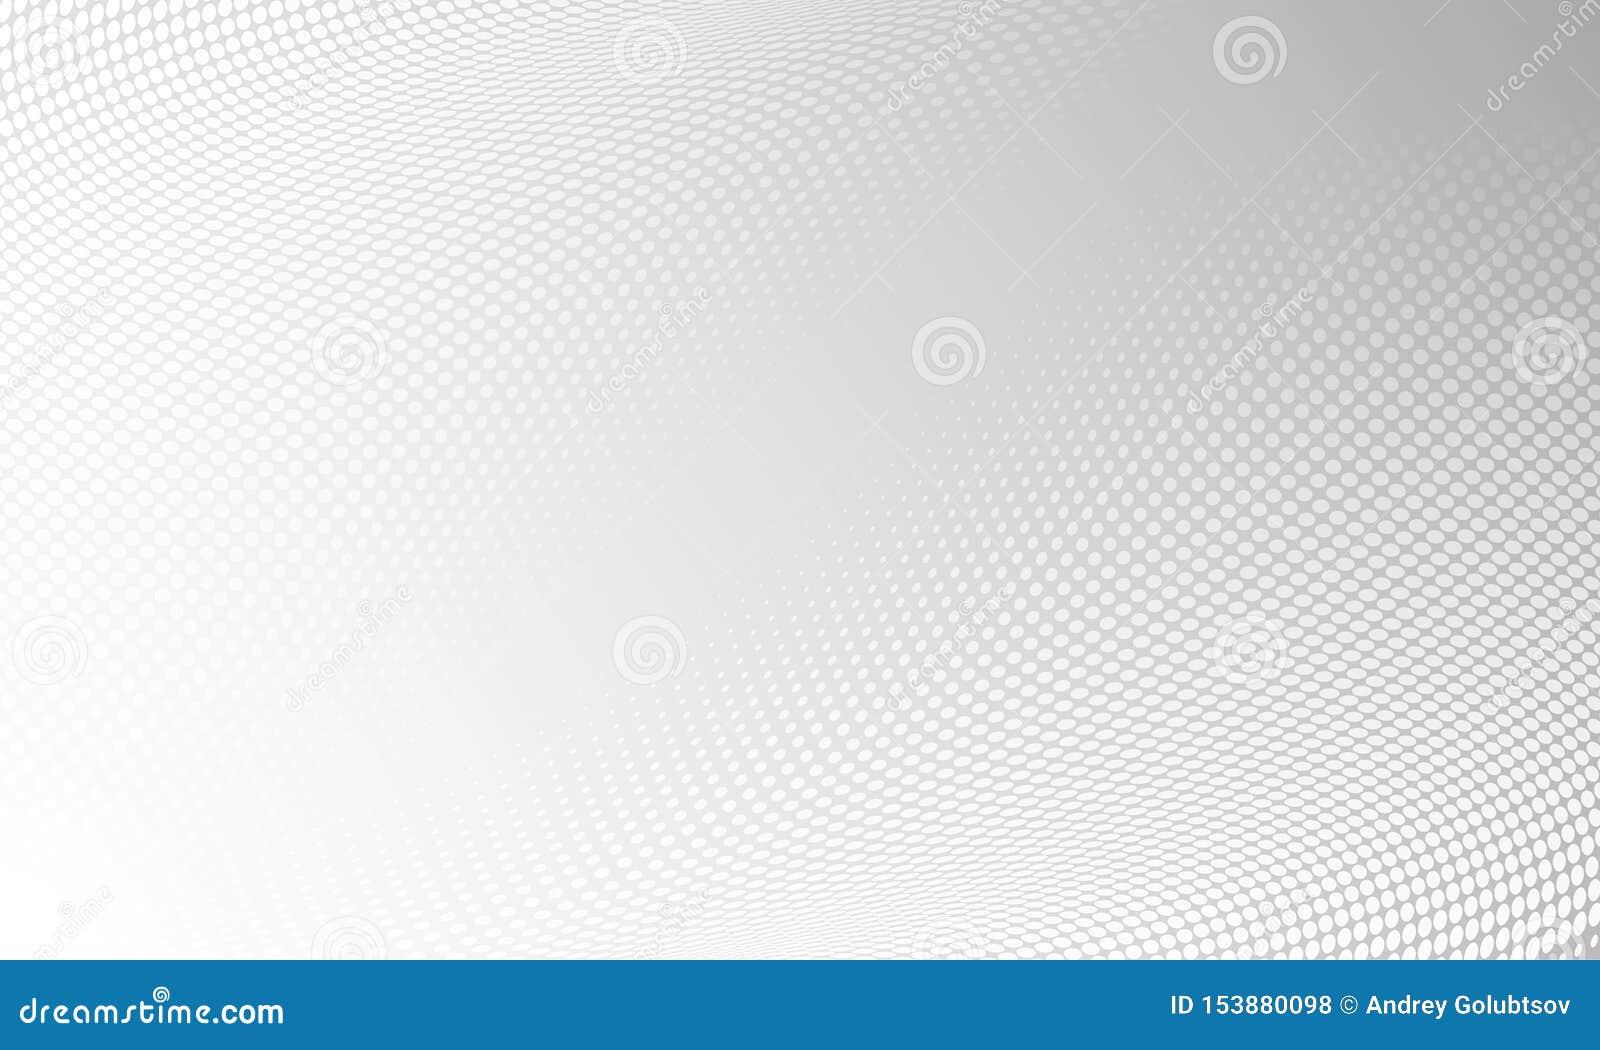 Witte grijze moderne heldere halftone patroonachtergrond Vector digitaal grafisch ontwerp, de achtergrond van de motietextuur